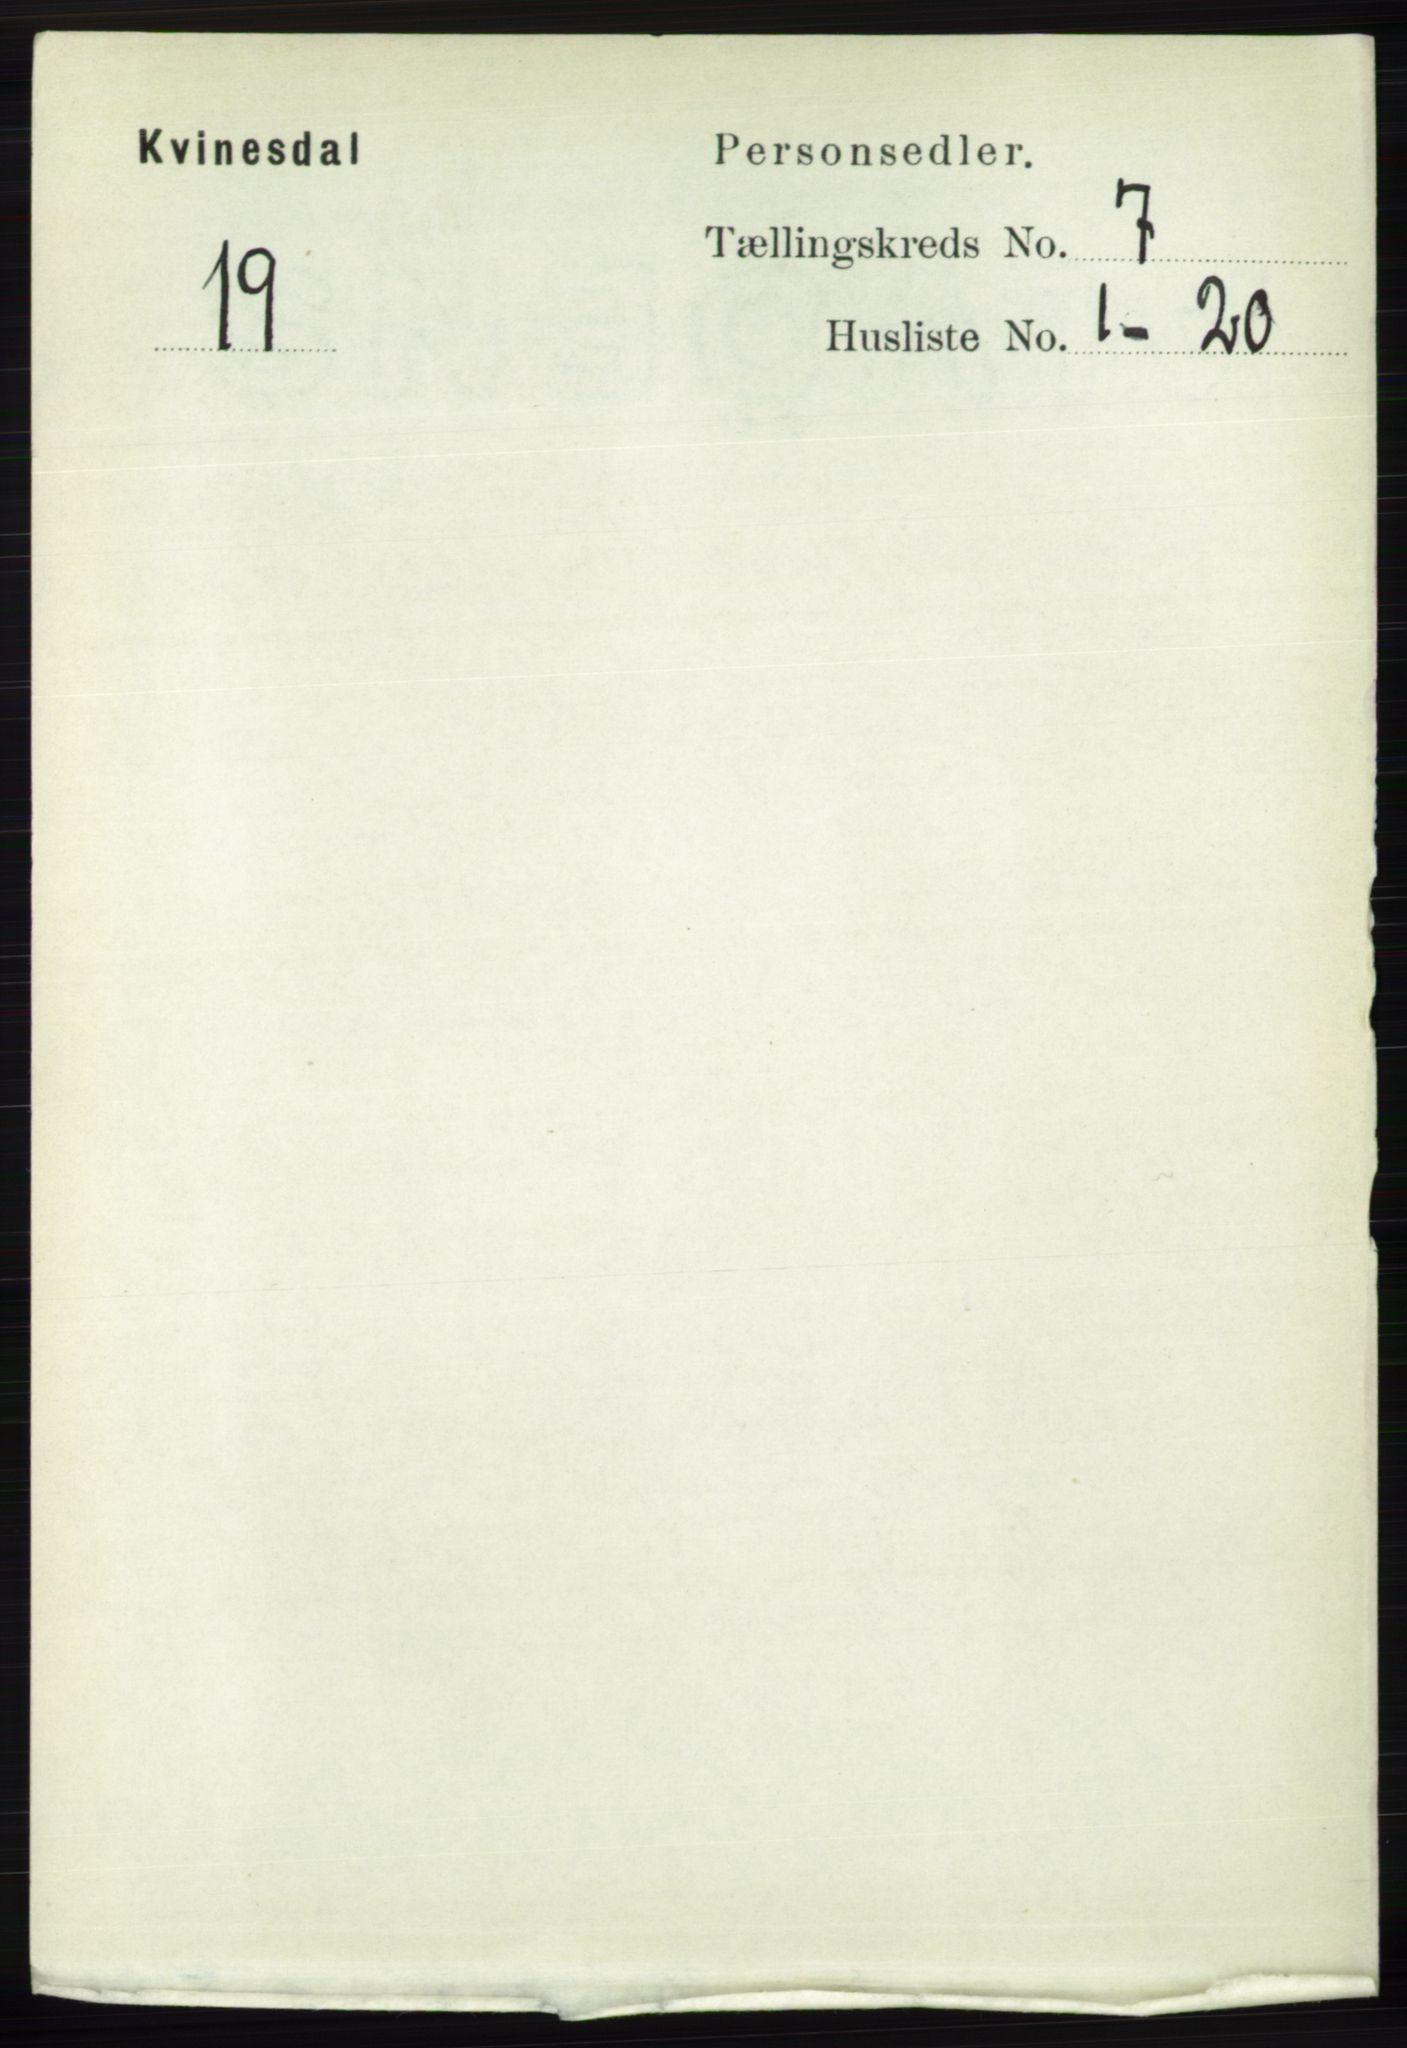 RA, Folketelling 1891 for 1037 Kvinesdal herred, 1891, s. 2420